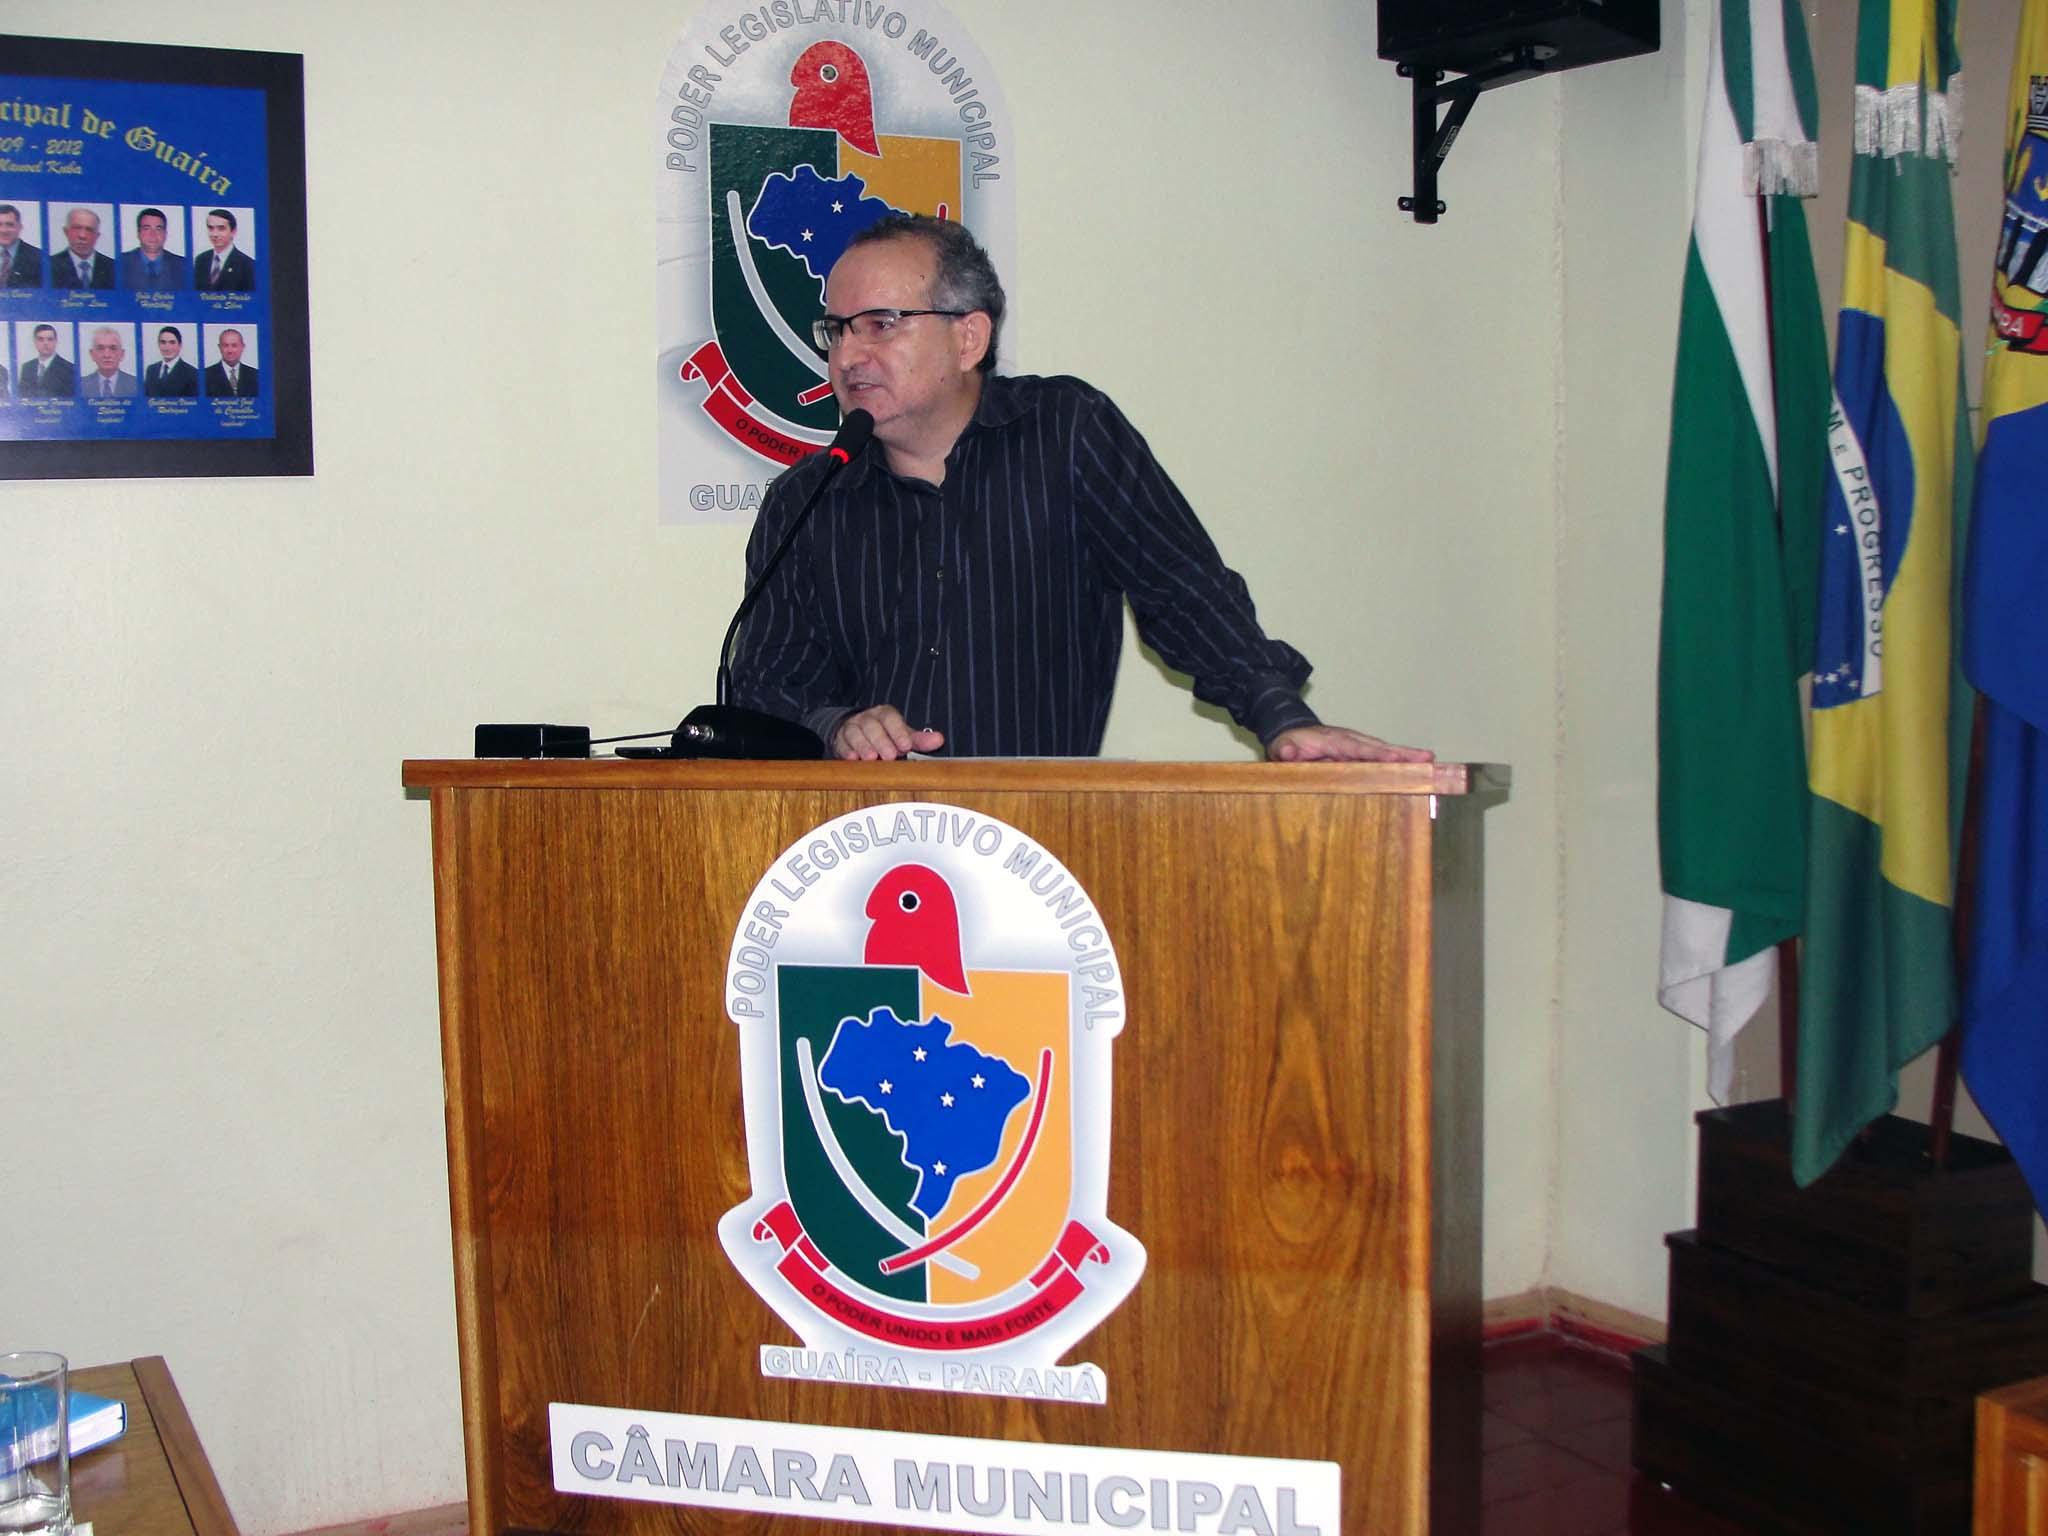 Prefeito Fabian Vendrusculo deseja sucesso aos legisladores na reunião da Câmara